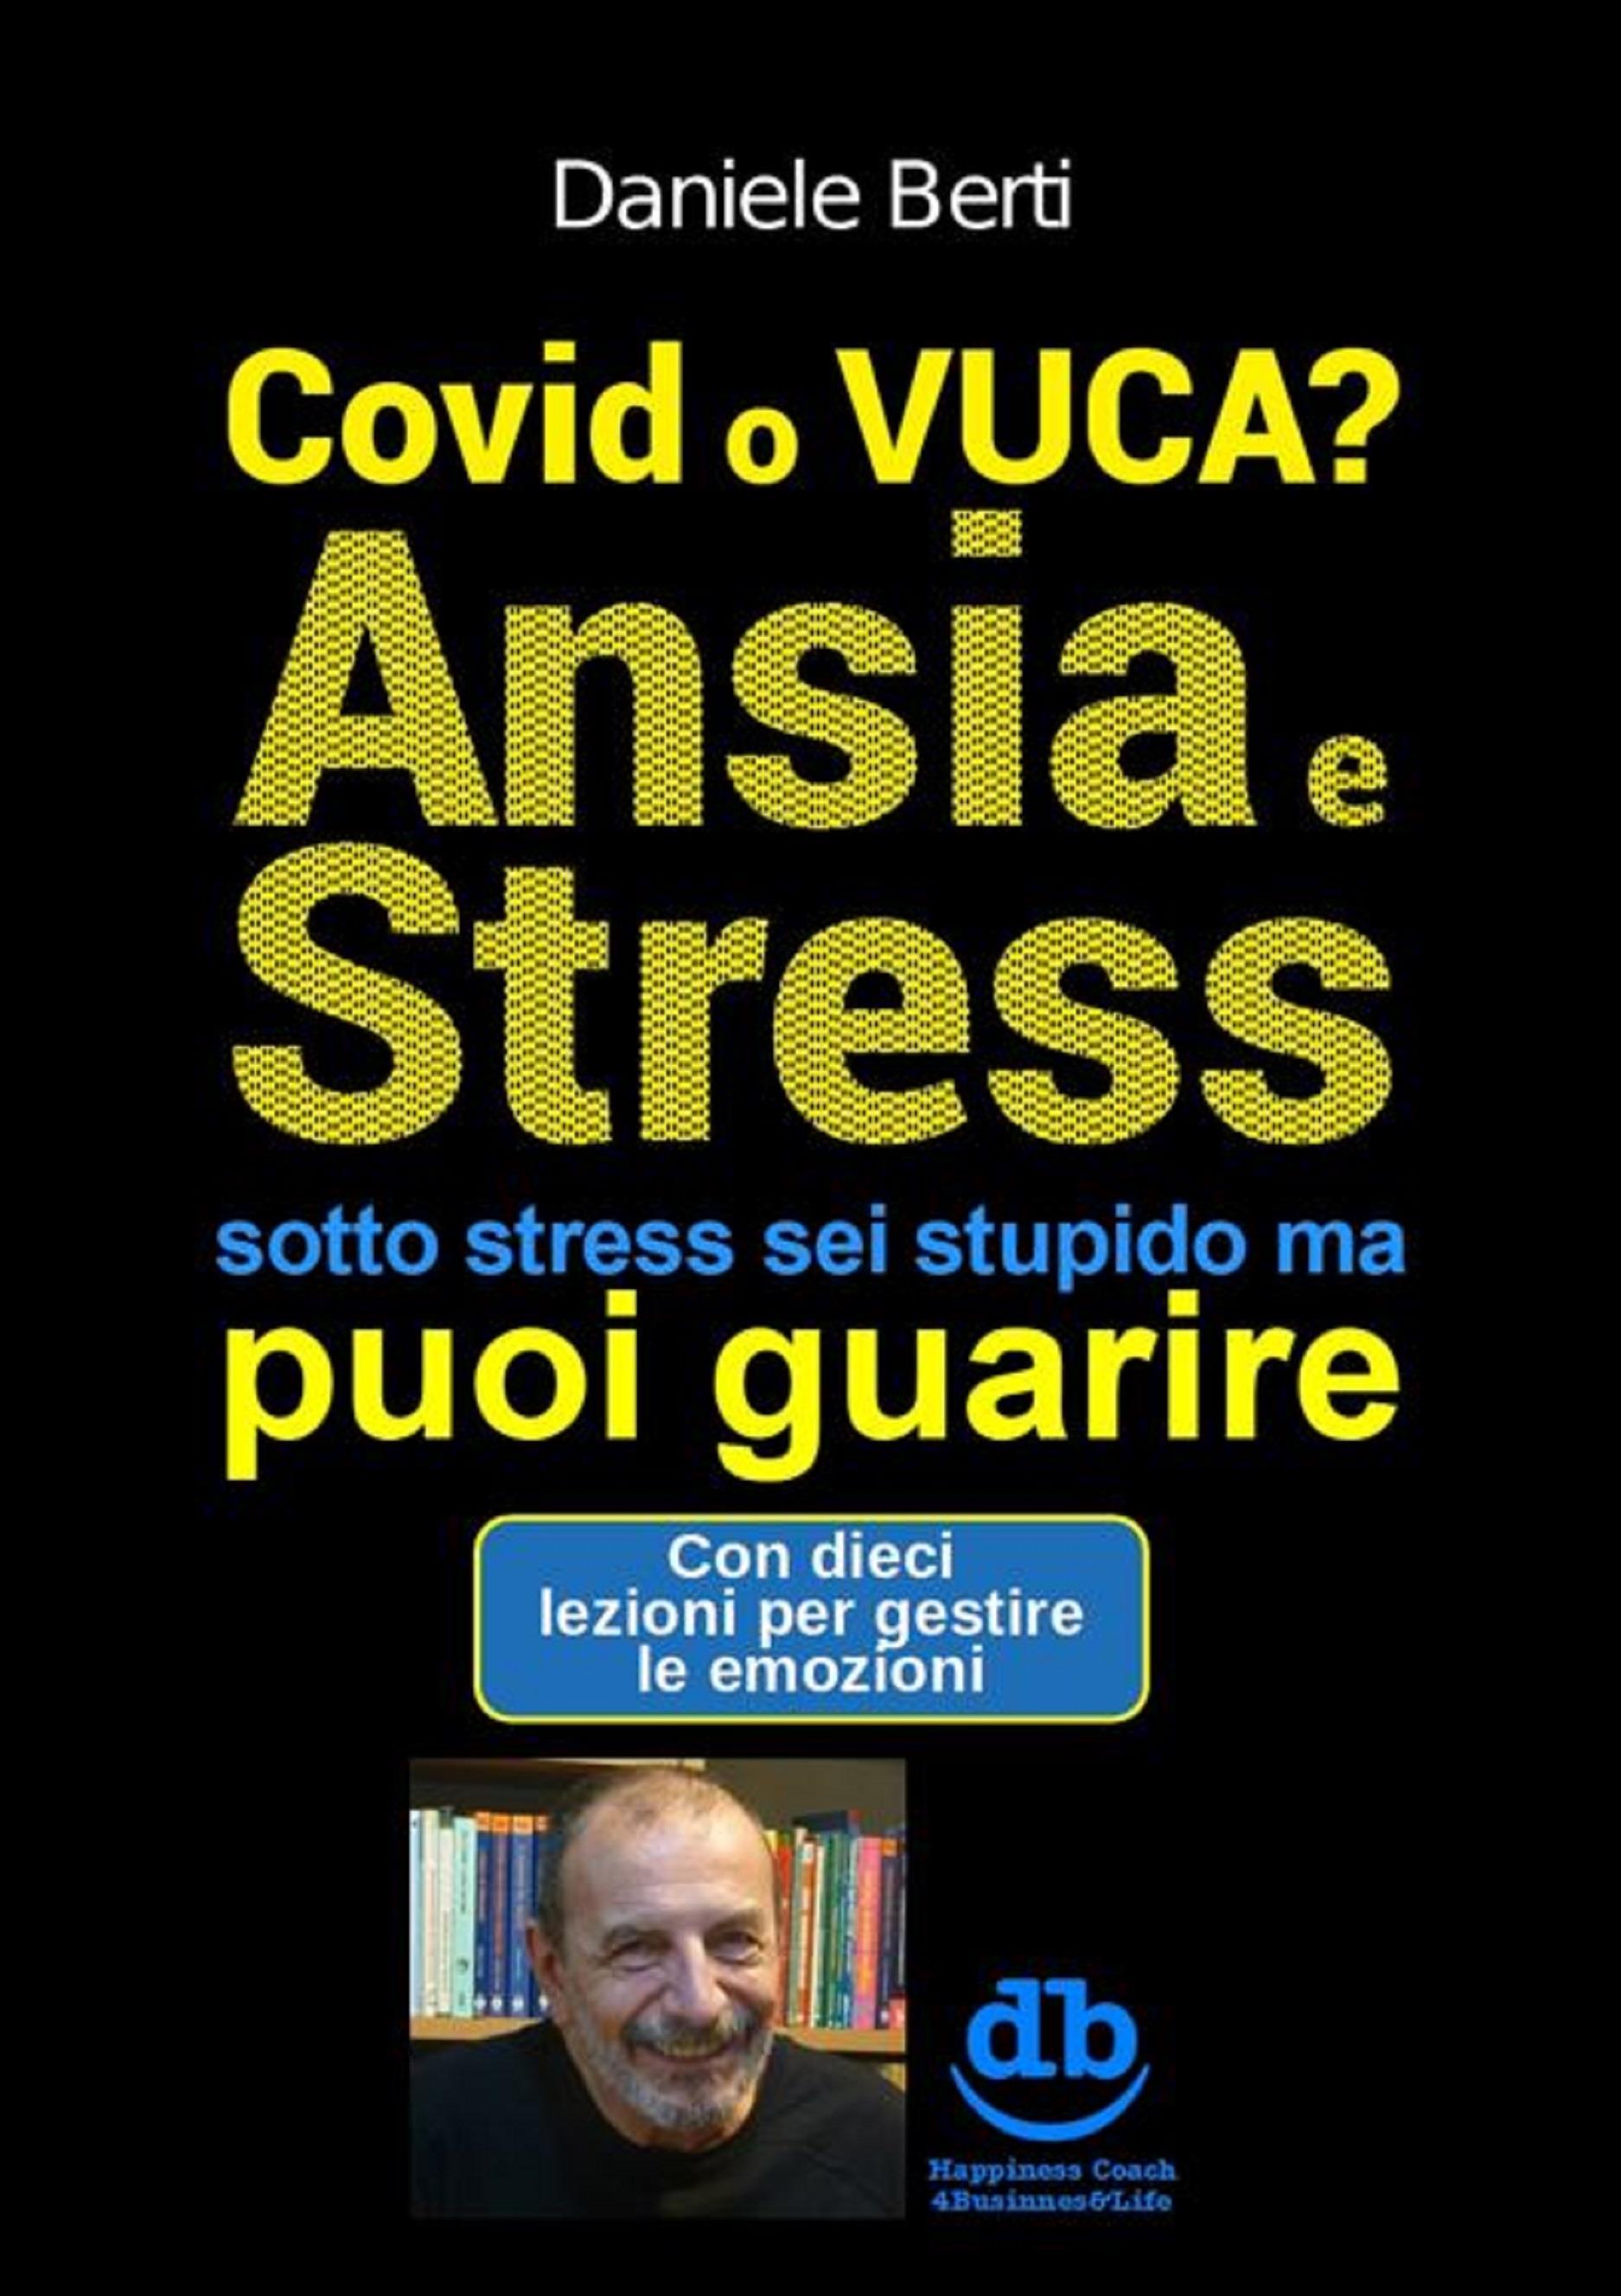 Covid o VUCA? Ansia e Stress (sotto stress sei stupido ma) puoi guarire